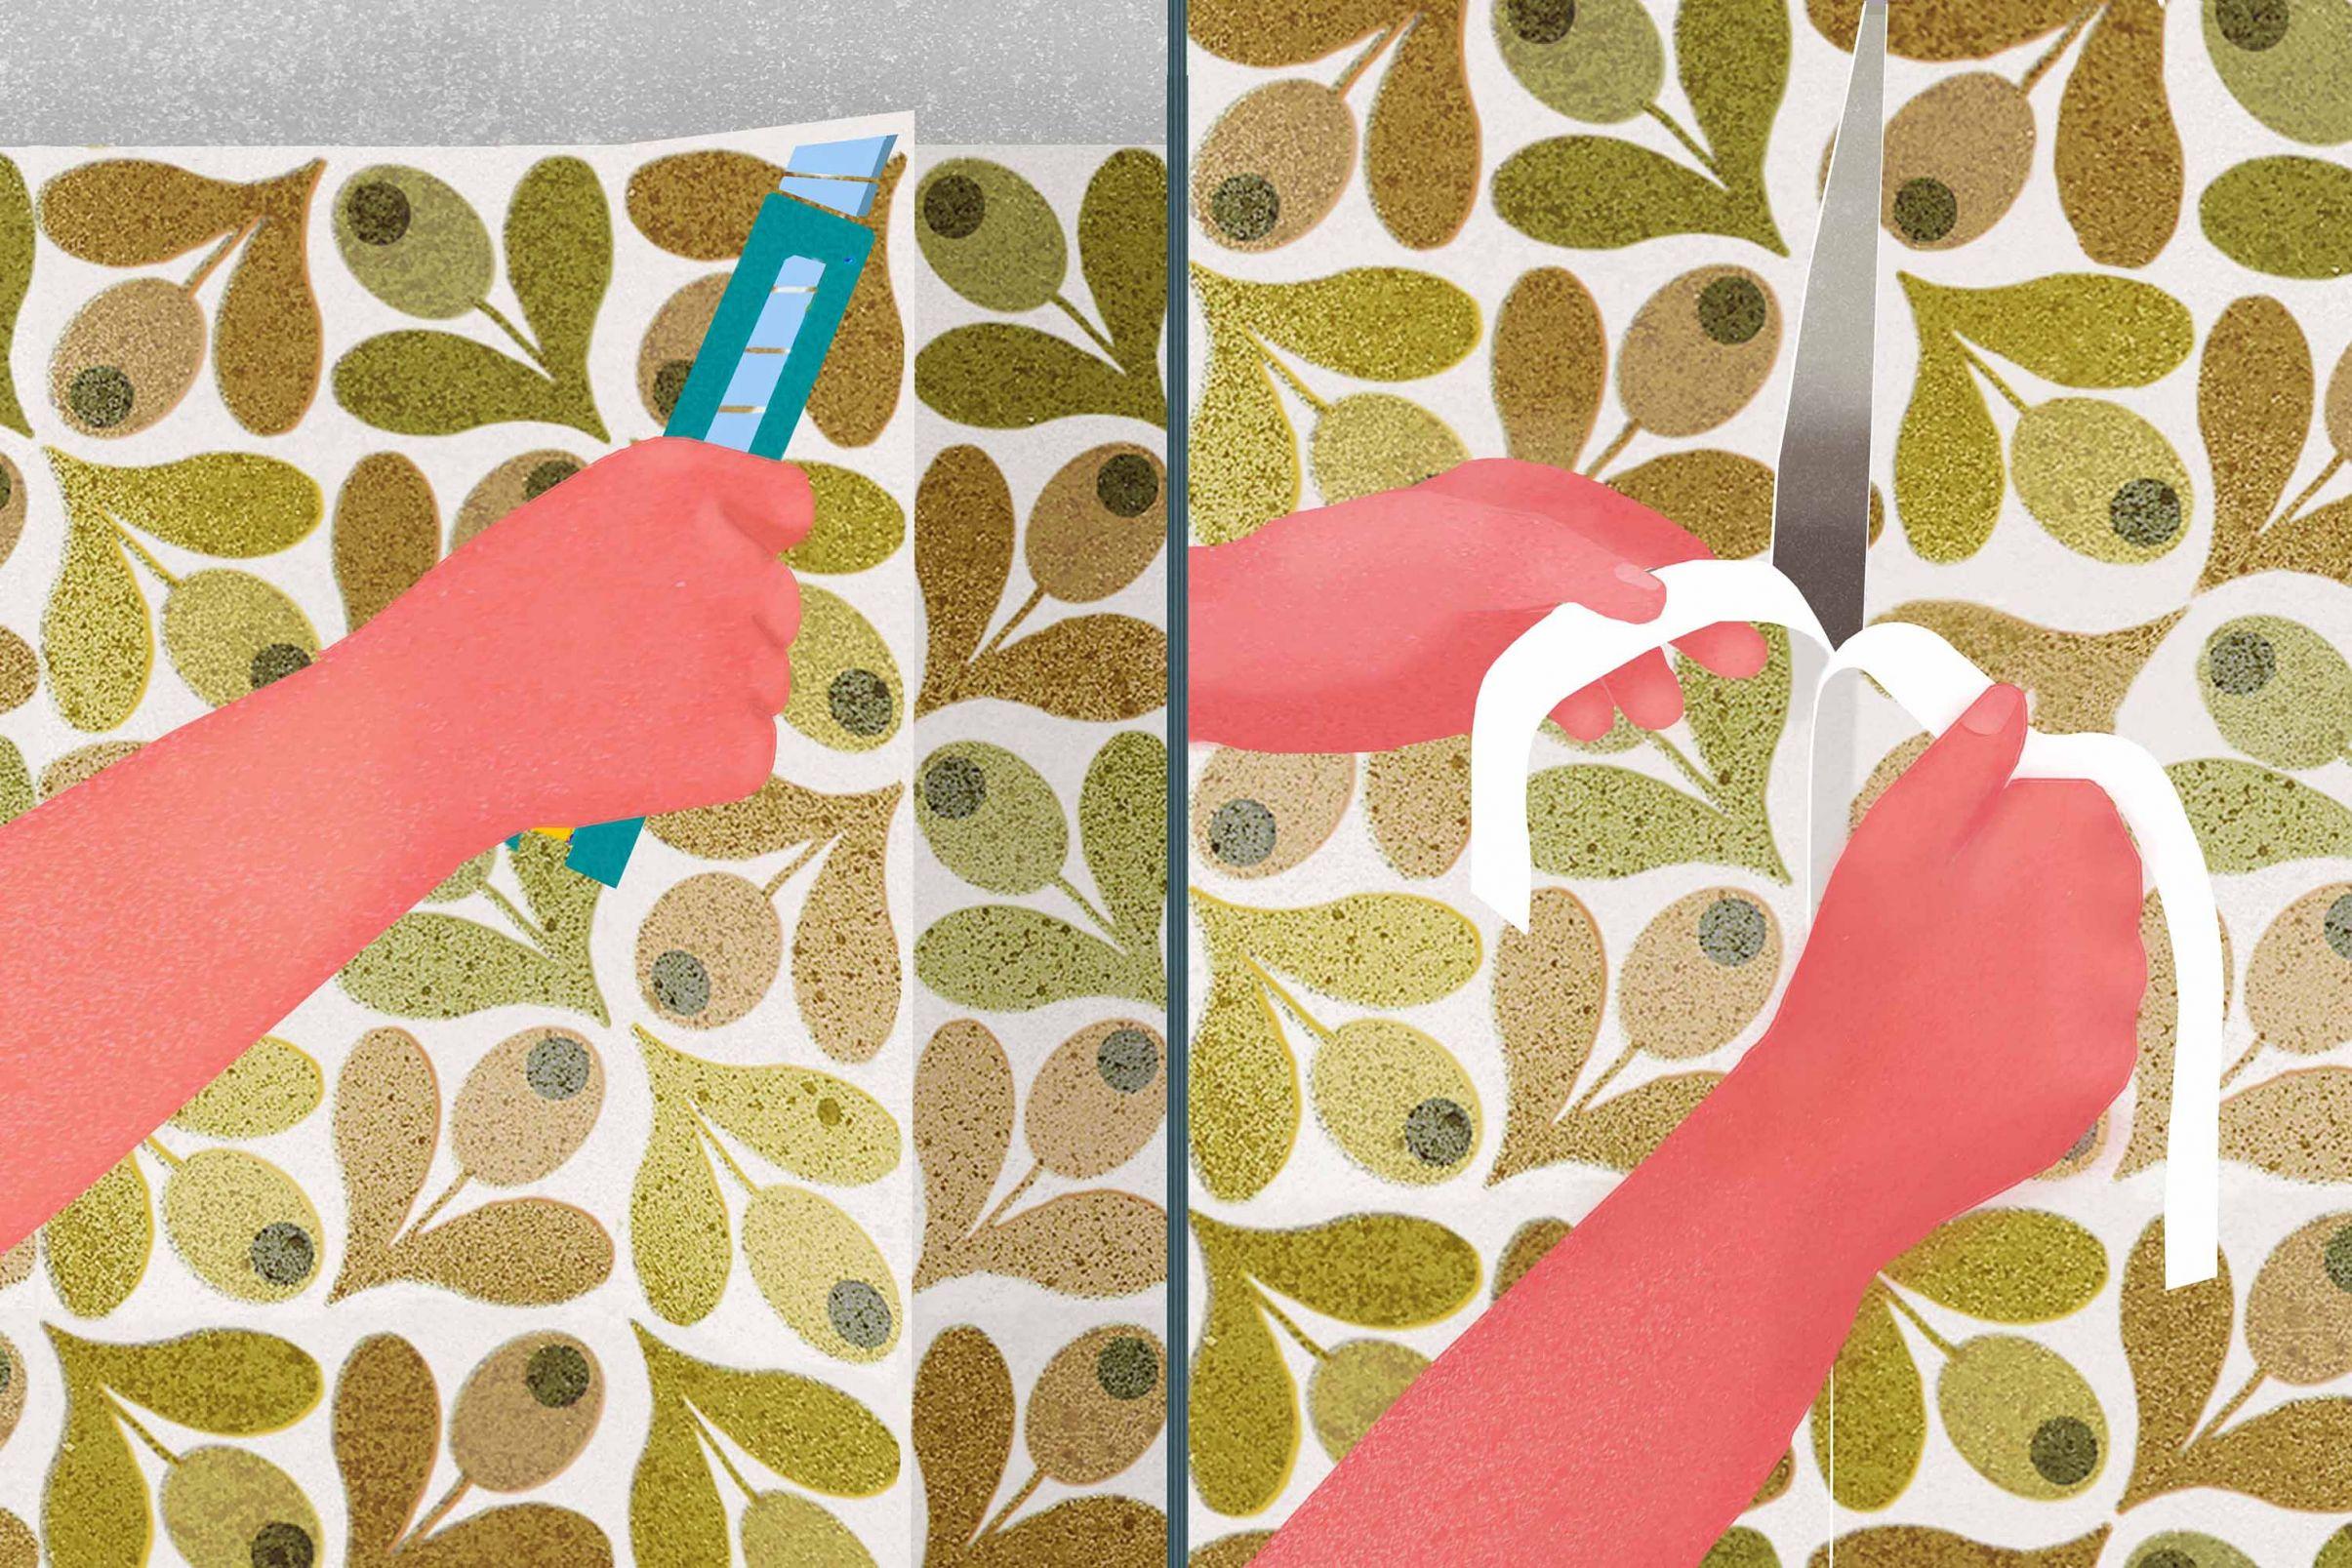 Comment-poser-du-papier-peint-autour-des-fenetres-et-des-portes-Enlever-l-excedent-avec-une-coupe-double